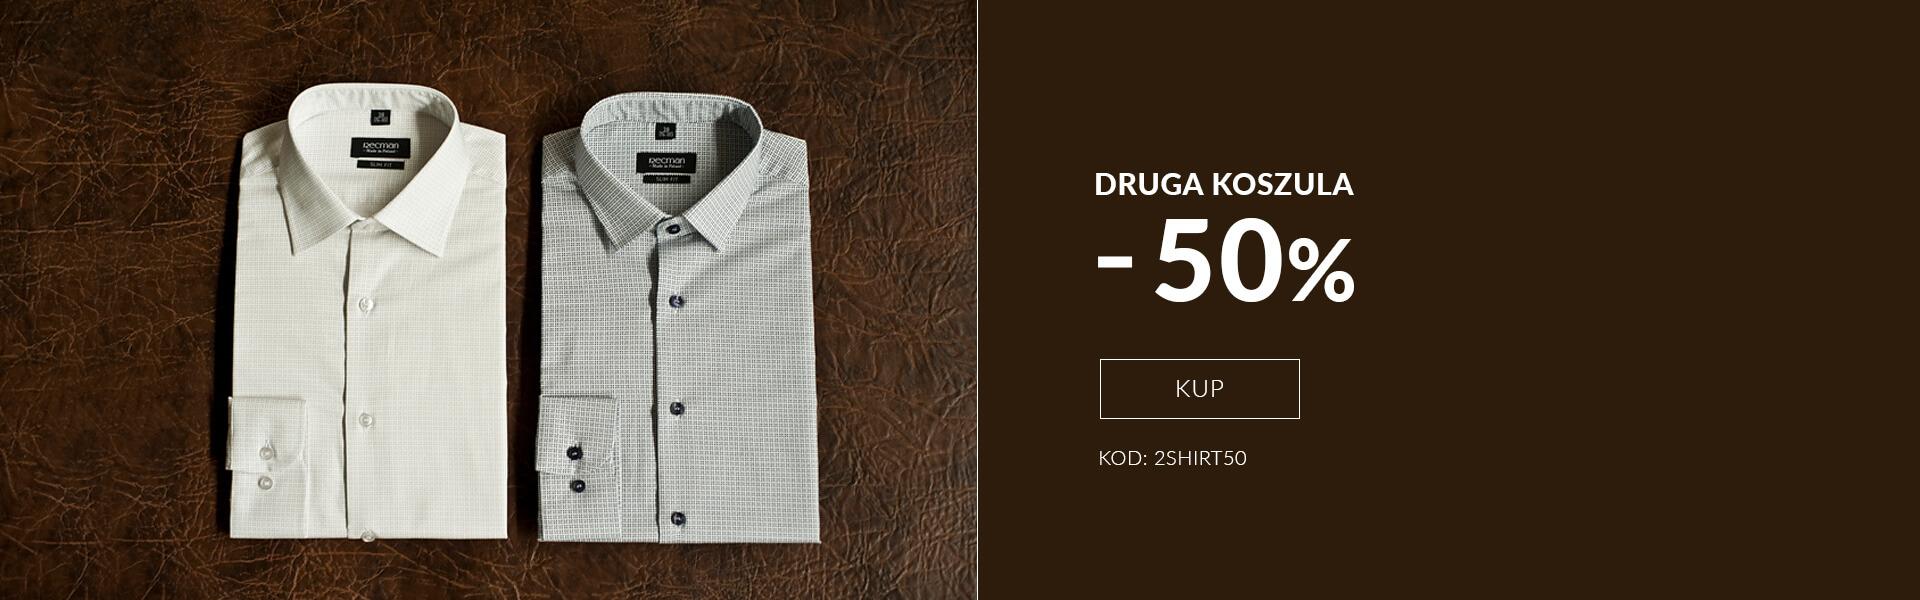 Druga koszula -50%